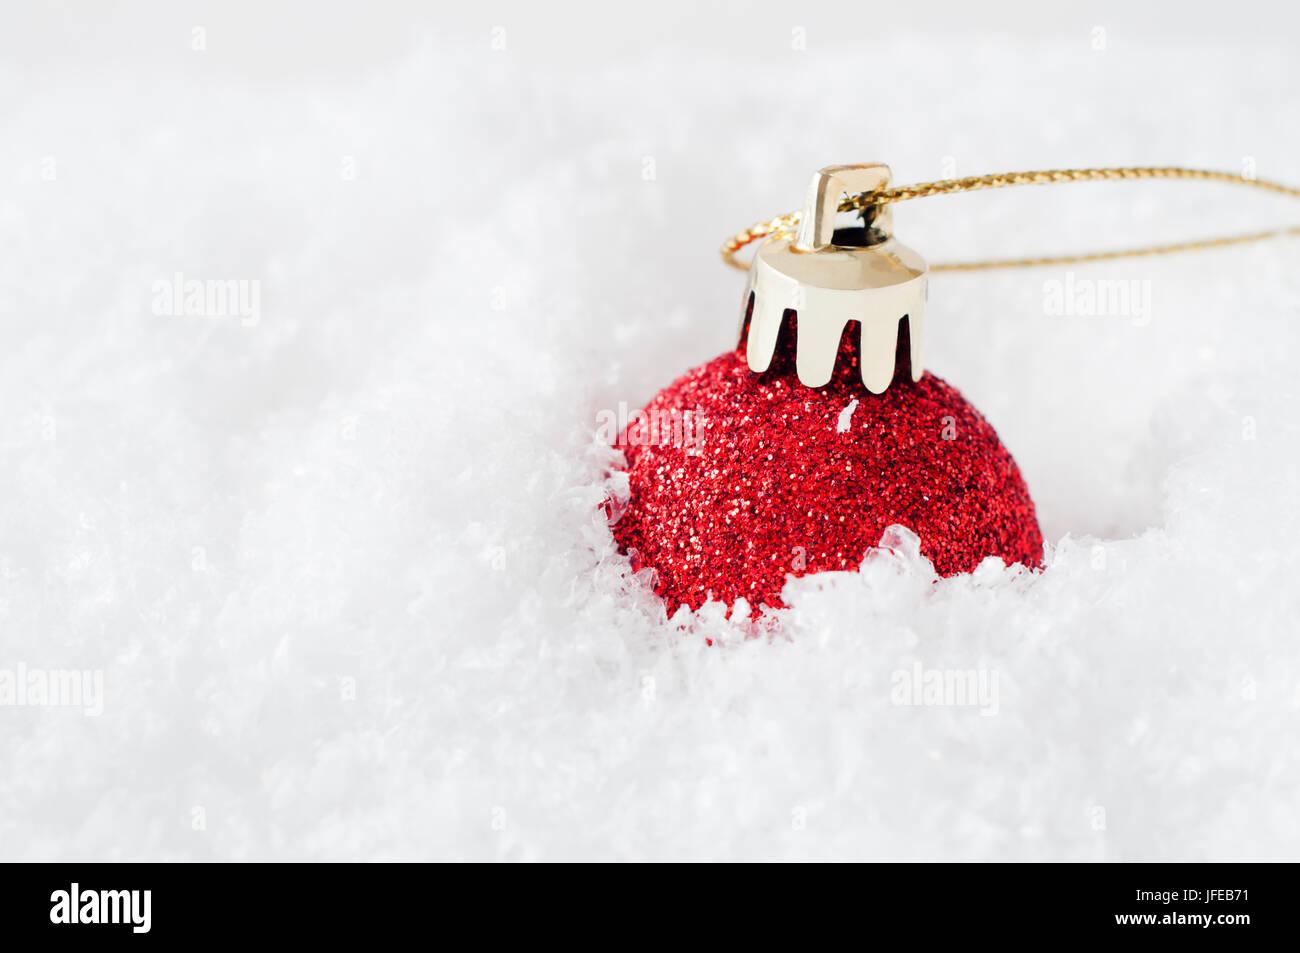 eine funkelnde rote glitzer weihnachtskugel mit gold verschluss und vergoldeten schnur versenkt. Black Bedroom Furniture Sets. Home Design Ideas